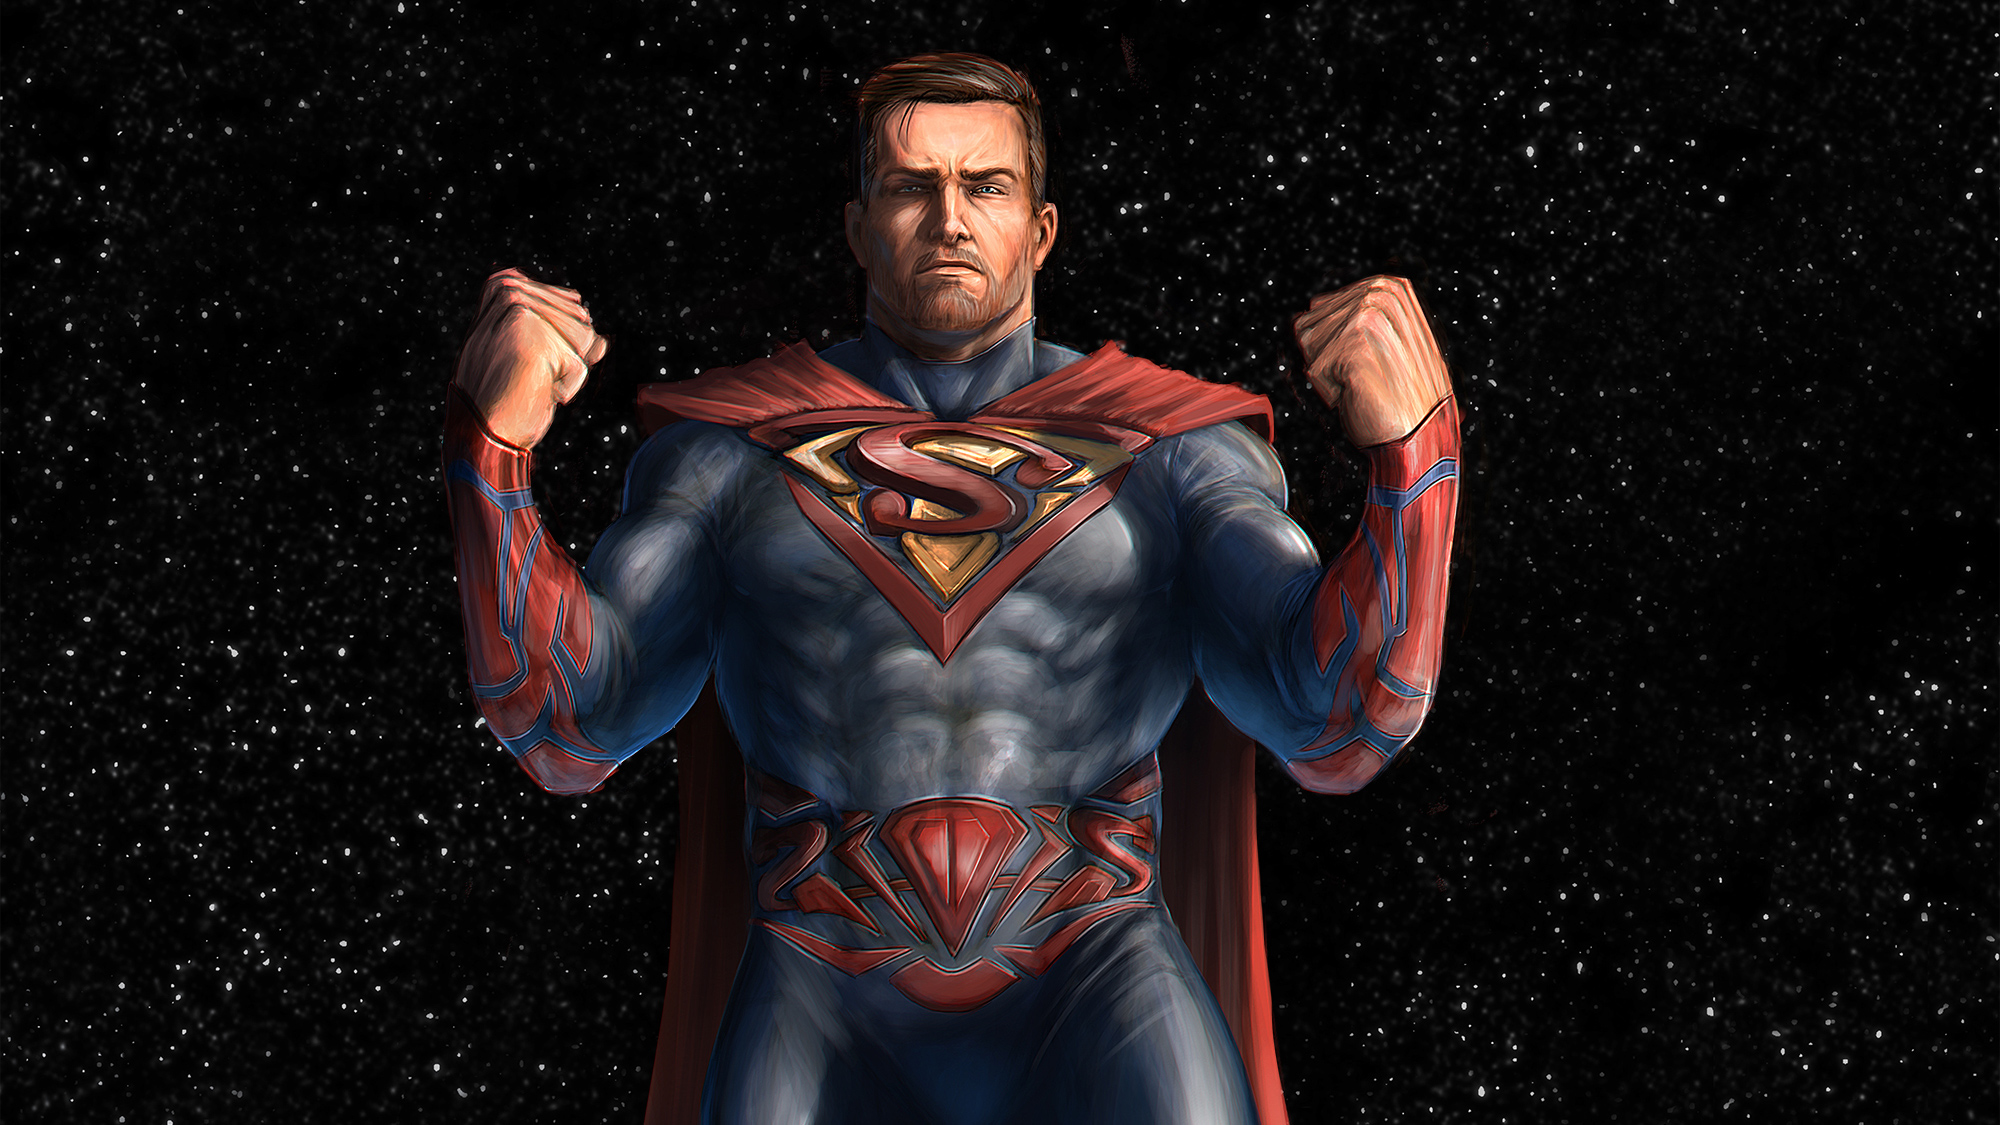 Dc Comics Superman 2000x1125